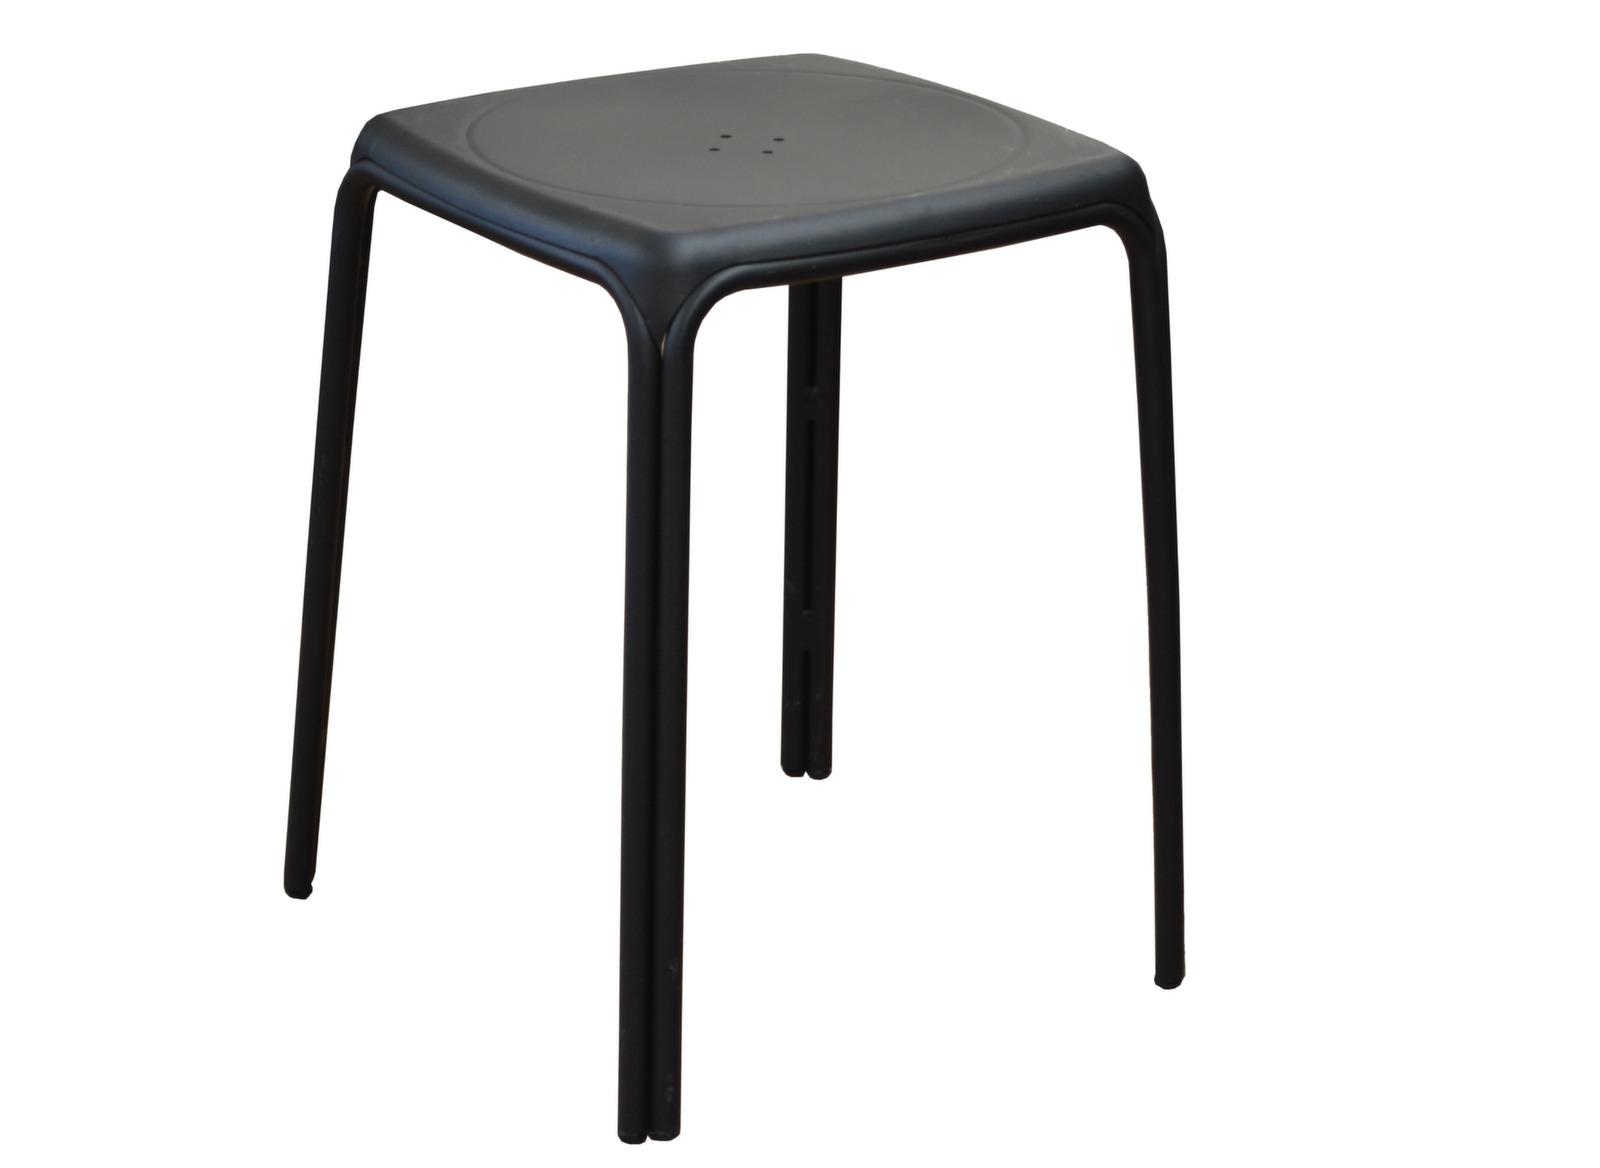 Tabouret azuro light grey soldes meubles de jardin pour for Mobilier de jardin soldes